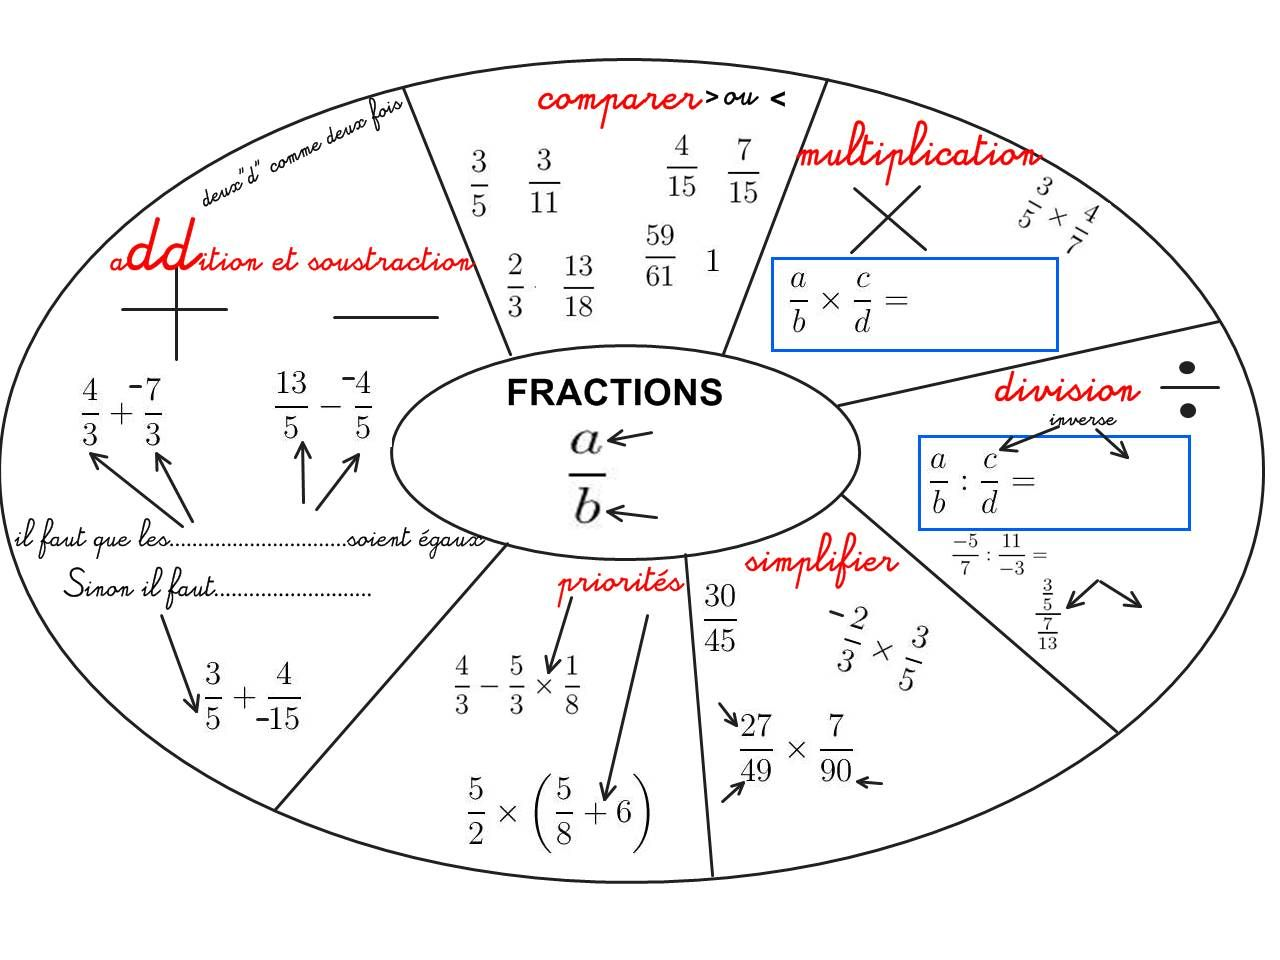 mandala  u0026quot fractions u0026quot  pour quatri u00e8mes et troisi u00e8mes pour la